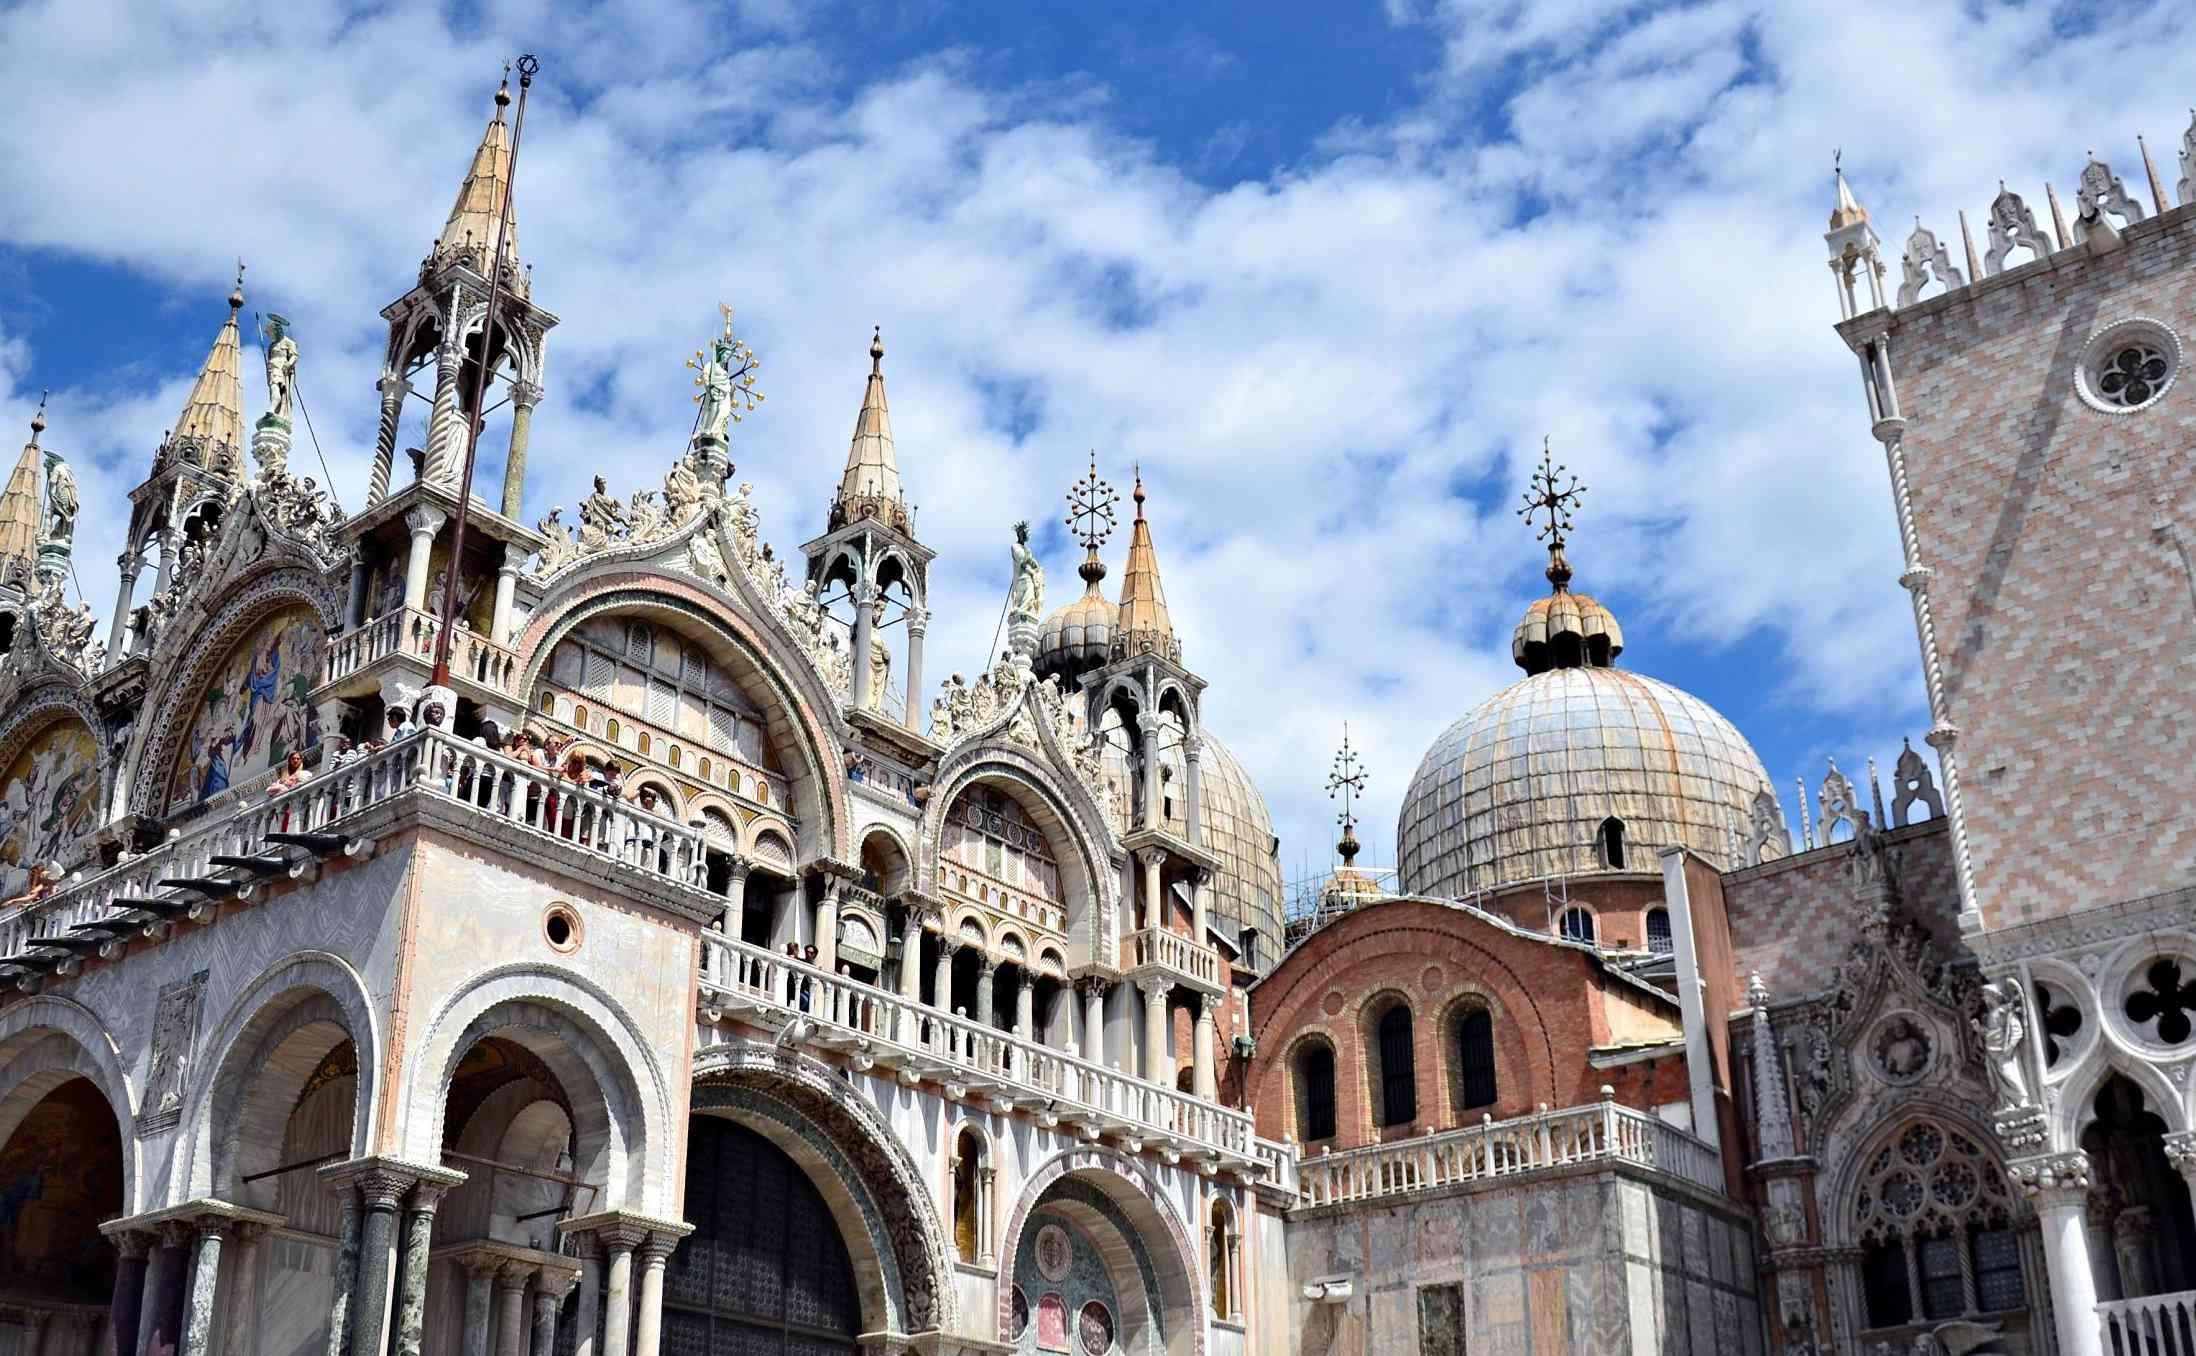 Basílica de San Marcos contra la formación de nubes en Venecia